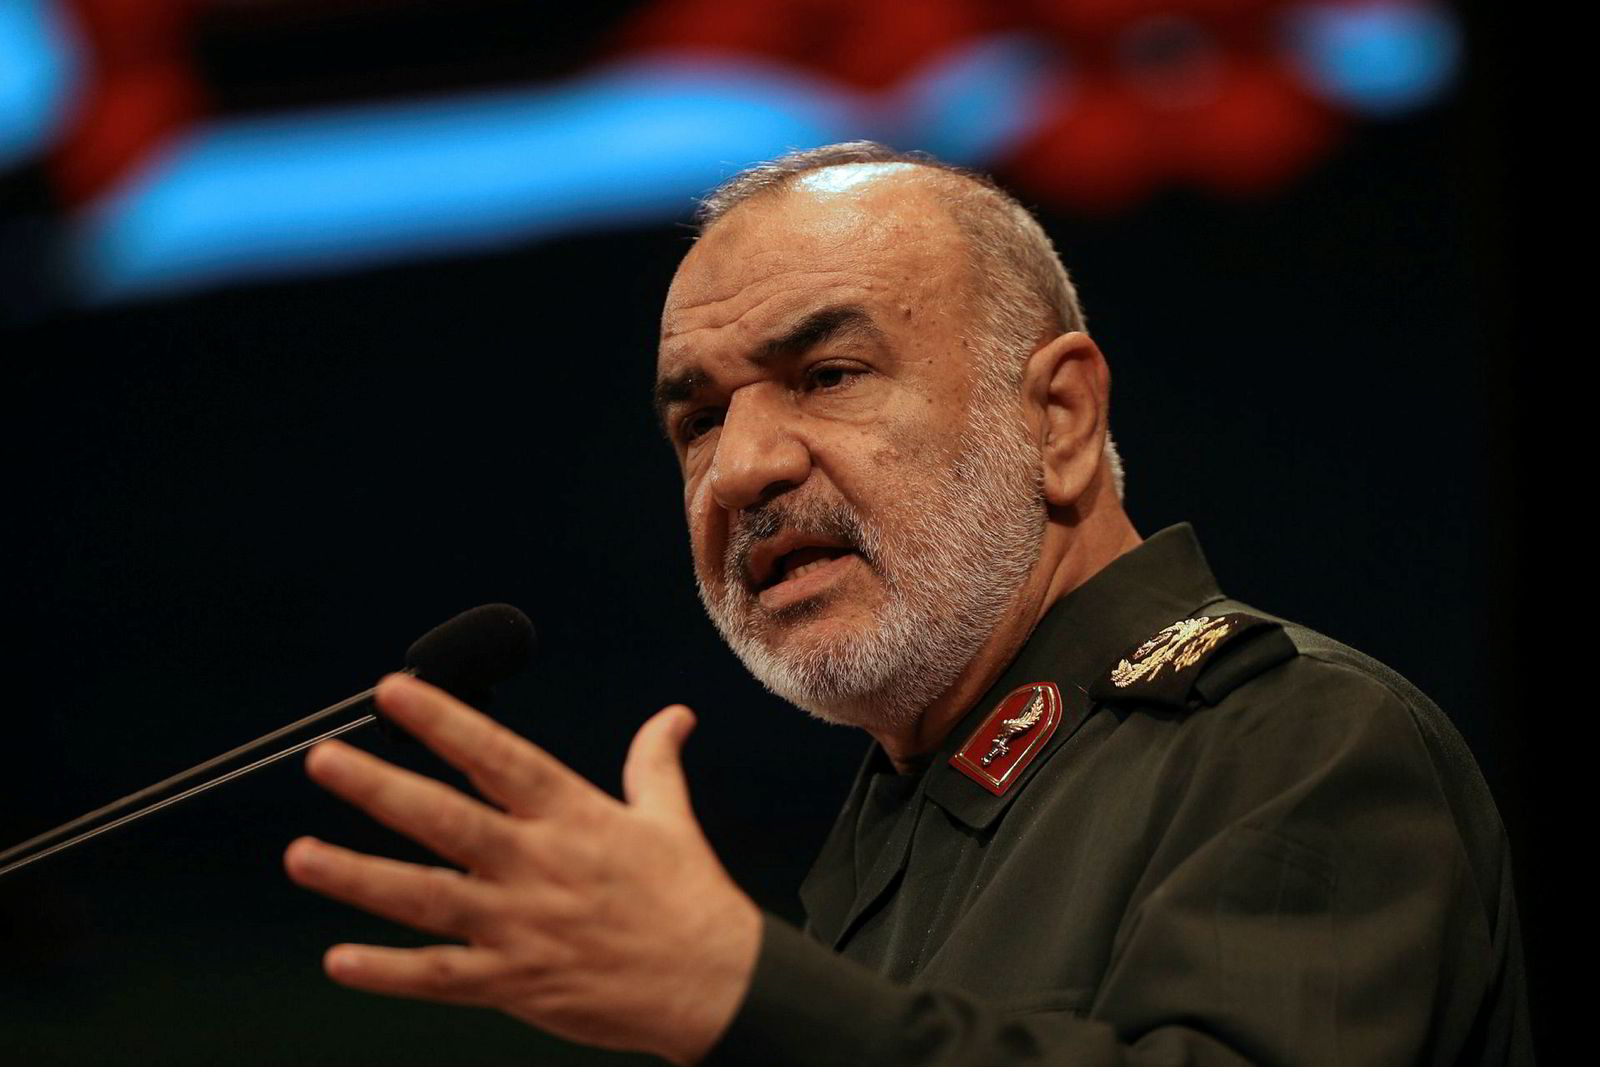 Den iranske Revolusjonsgarden, som ledes av general Hossein Salami (bildet), har tatt en utenlandsk oljetanker i arrest. Tankskipet skal ha vært i ferd med å smugle 1 million liter iransk olje til en ukjent mottager.